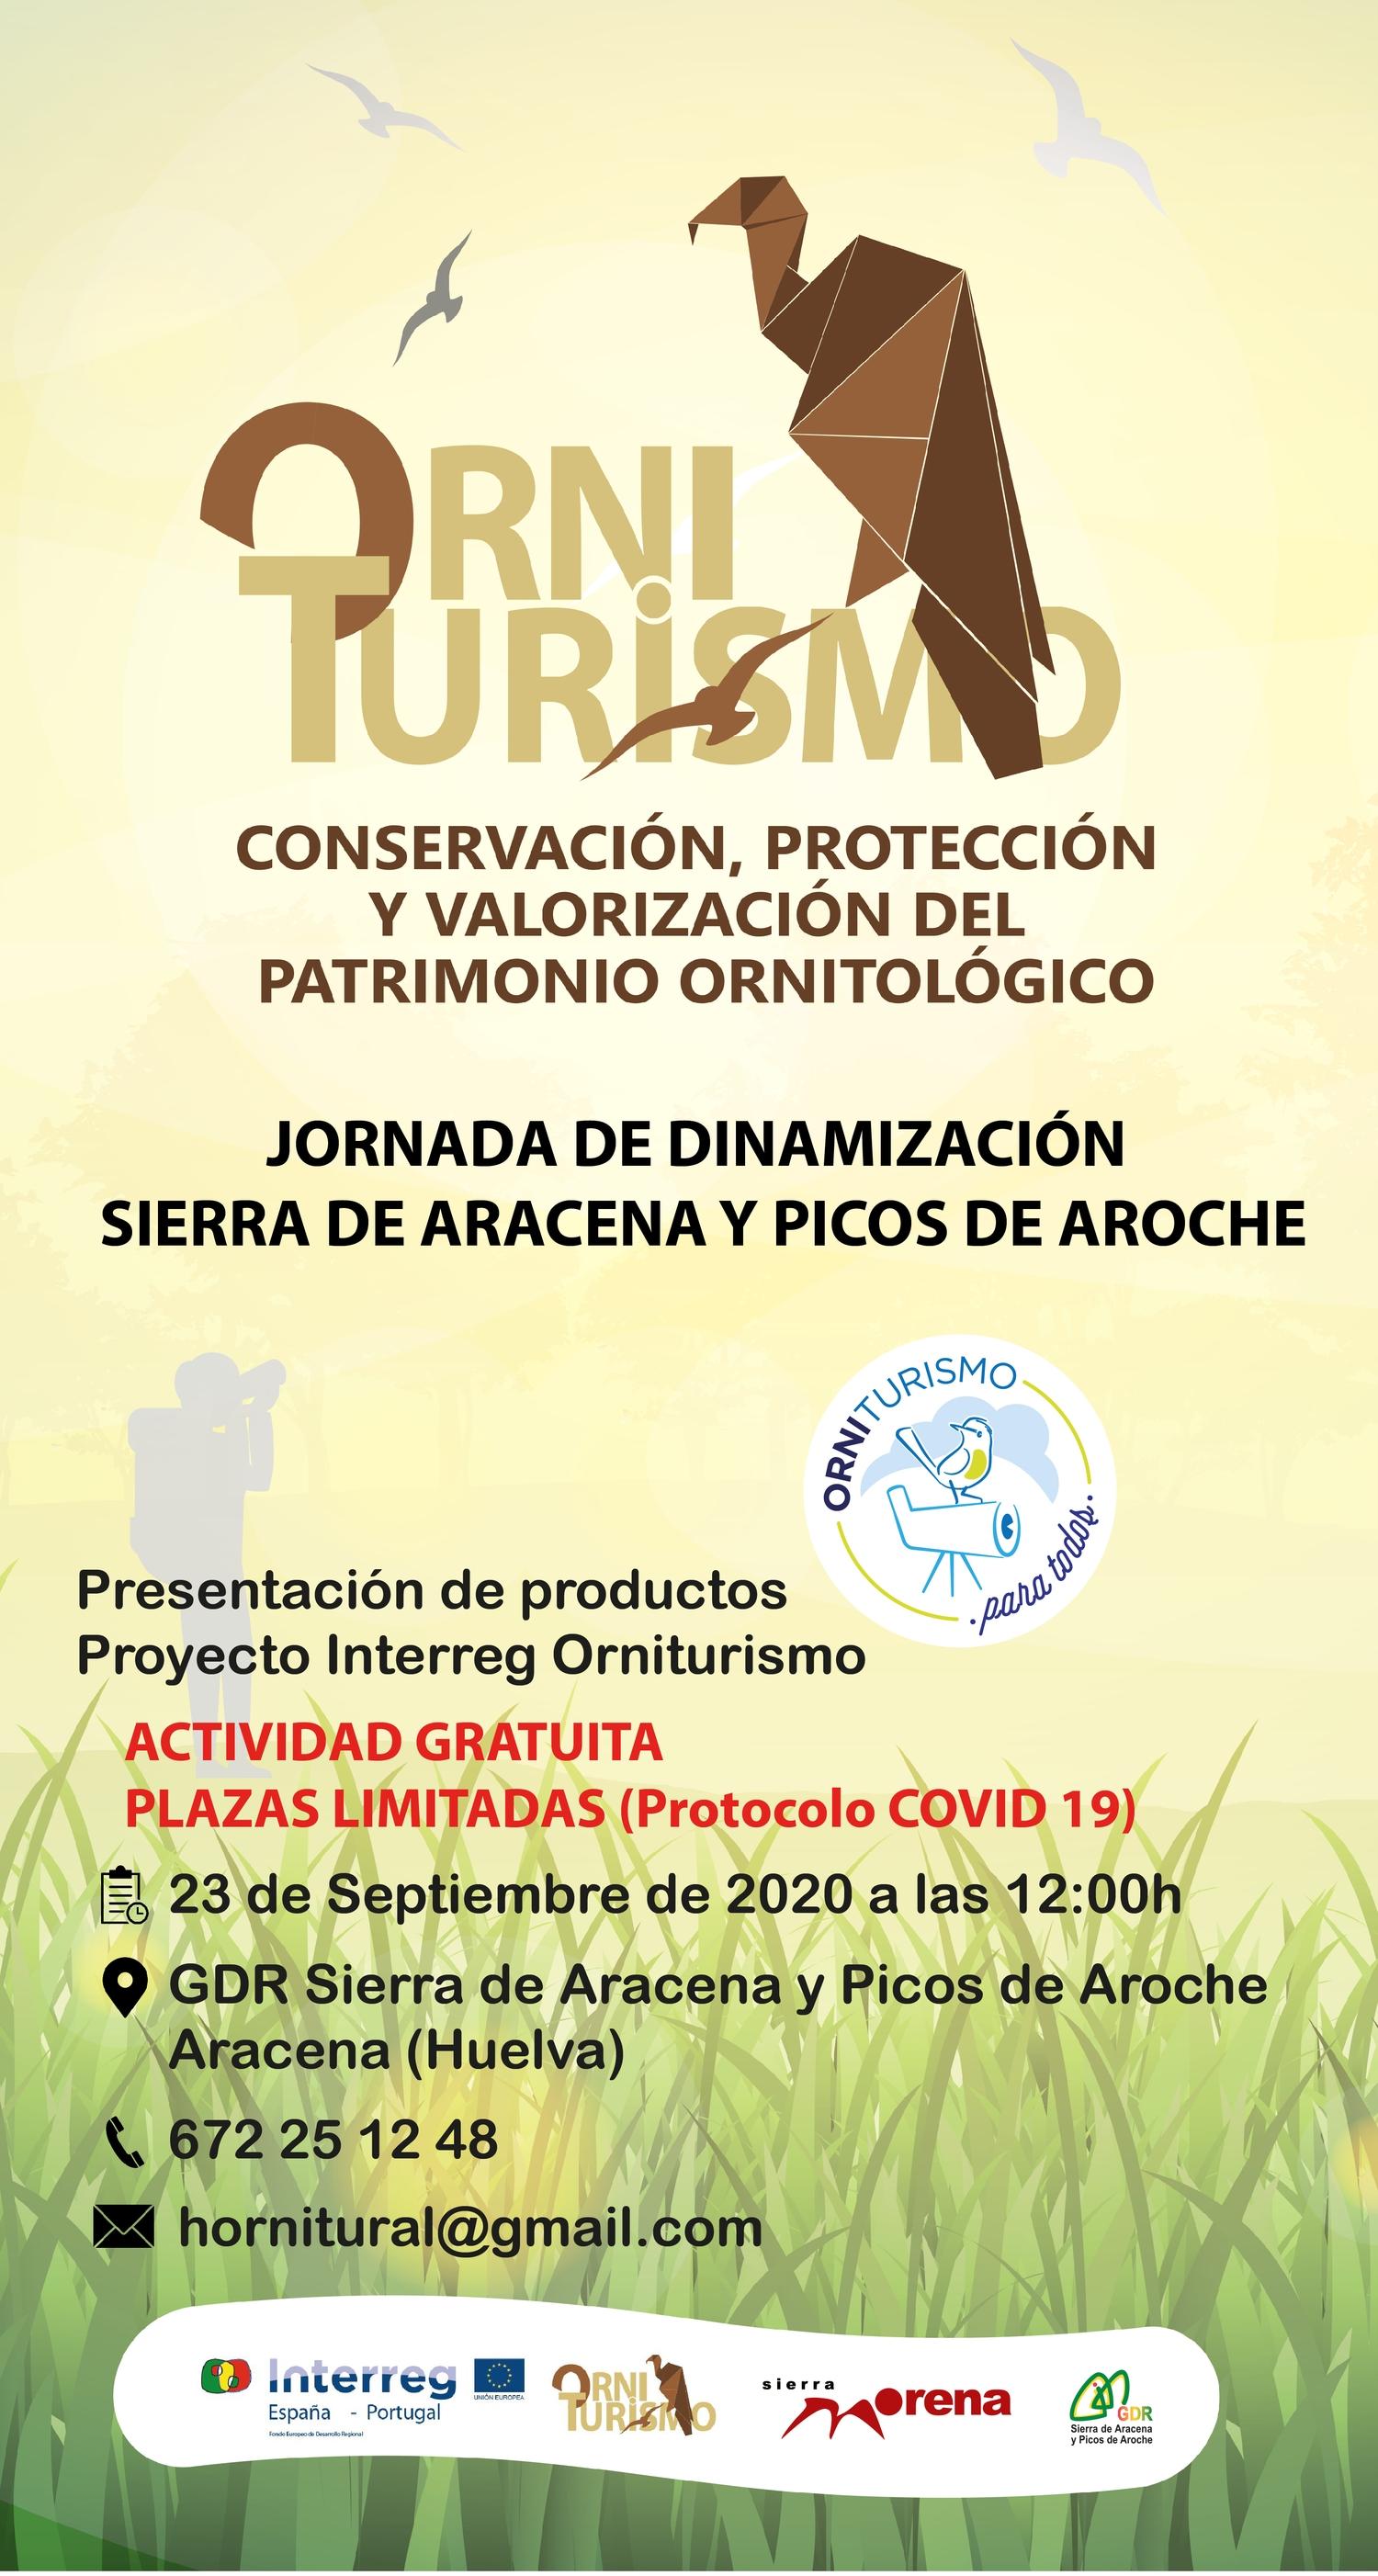 Jornada de dinamización Sierra de Aracena y Picos de Aroche en Aracena (23/09/2020)